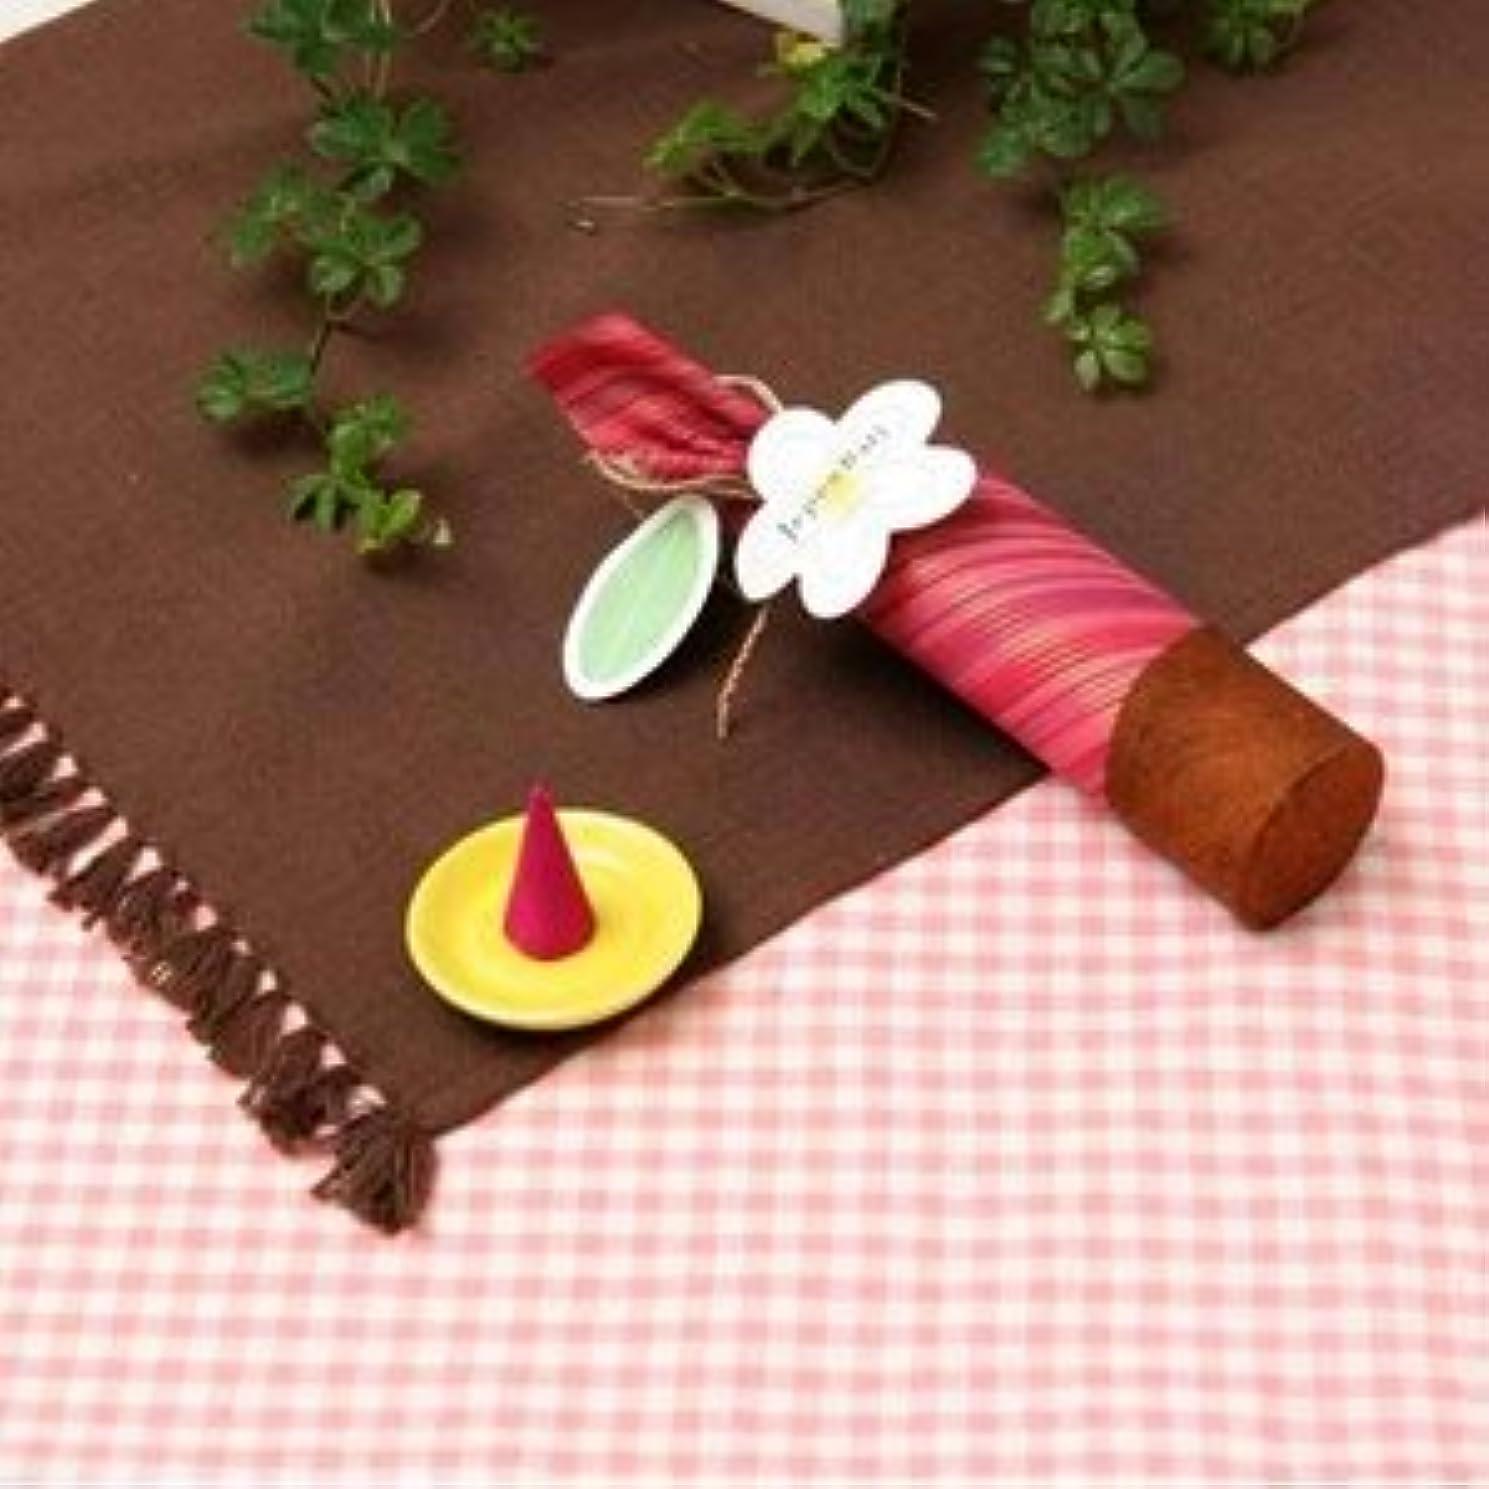 ショート興味測定お香/インセンス 【桜の香り コーンタイプ10個入り】 バリ島製 「Jupen Bari ジュプンバリ」